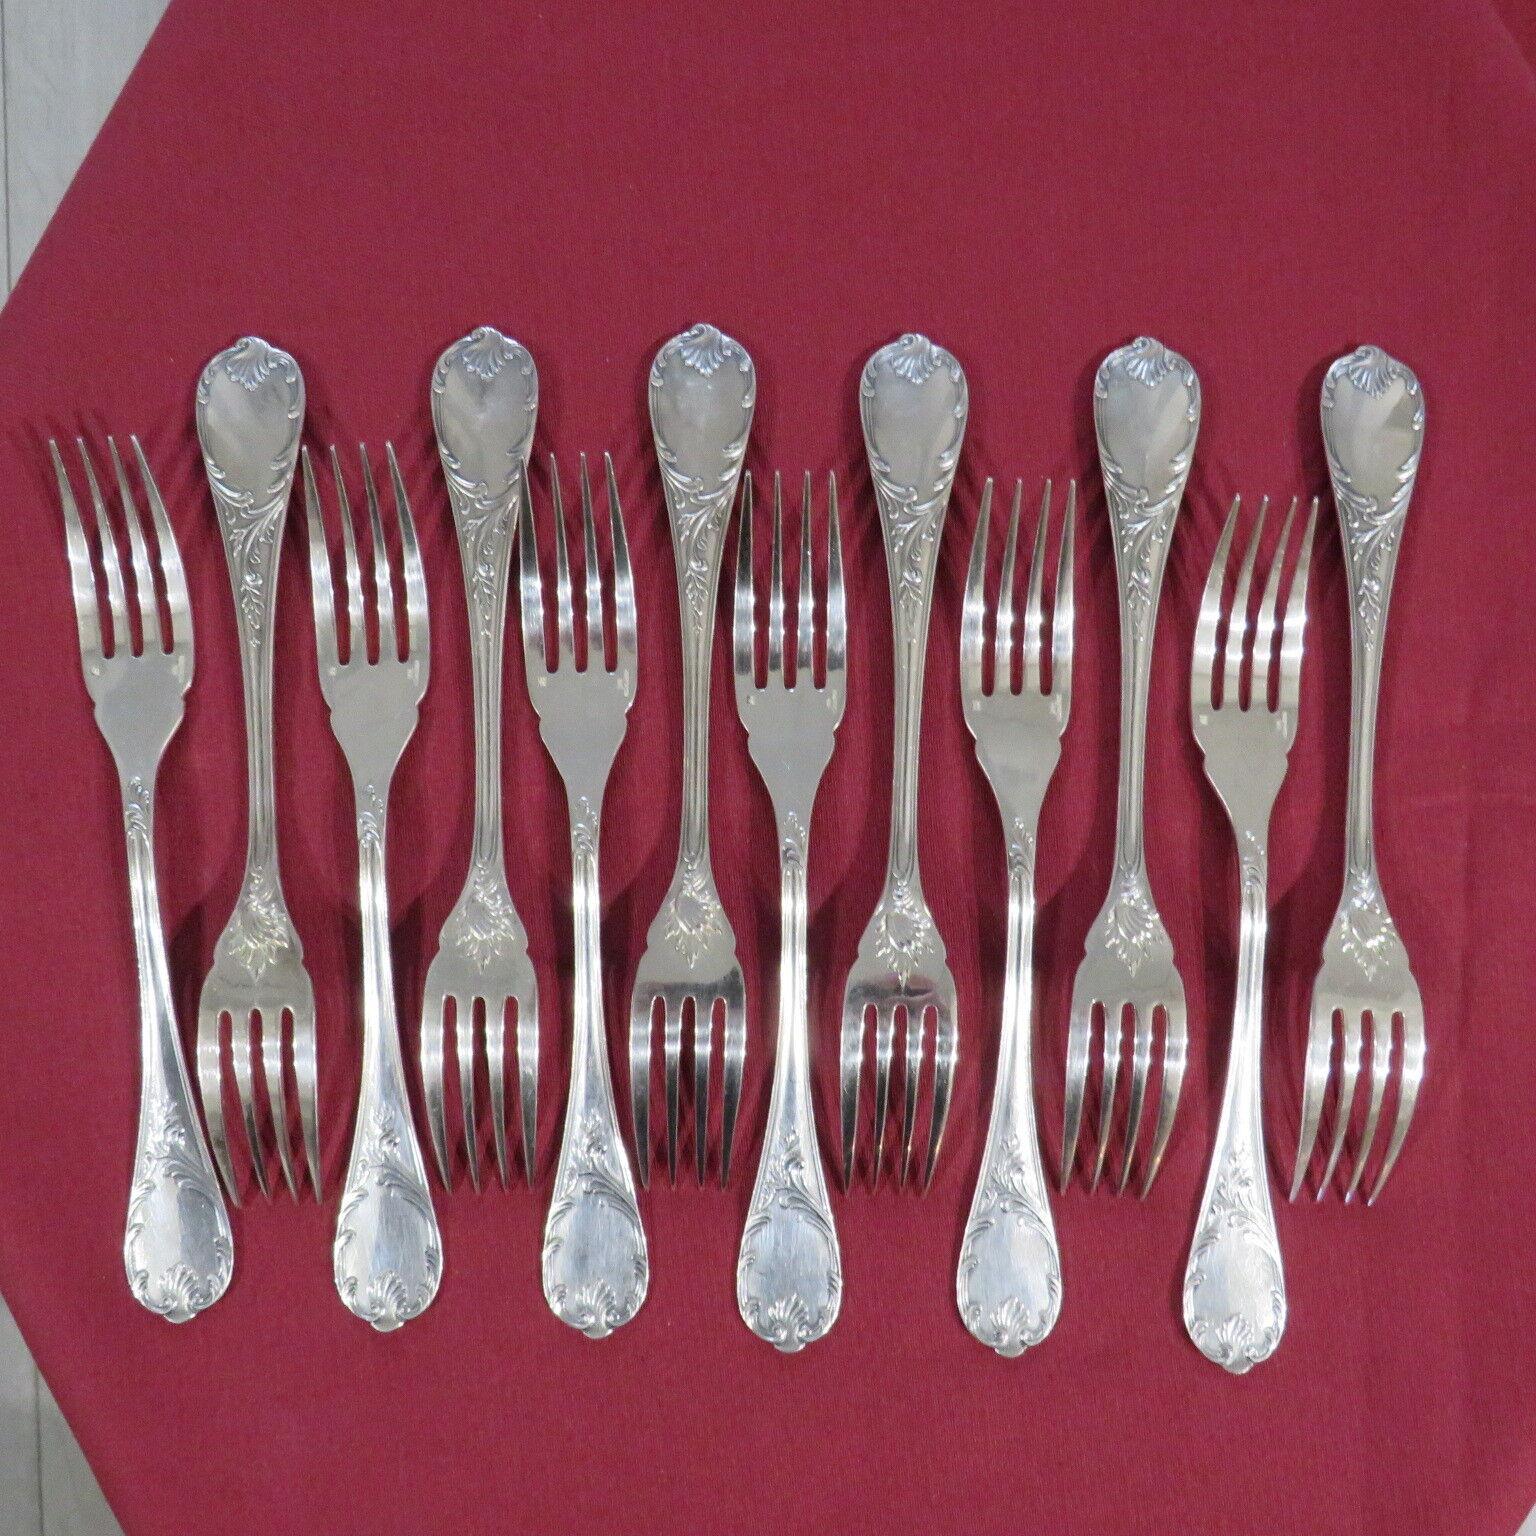 CHRISTOFLE     12 fourchettes à poisson en métal argenté modèle marly 17,7 cm